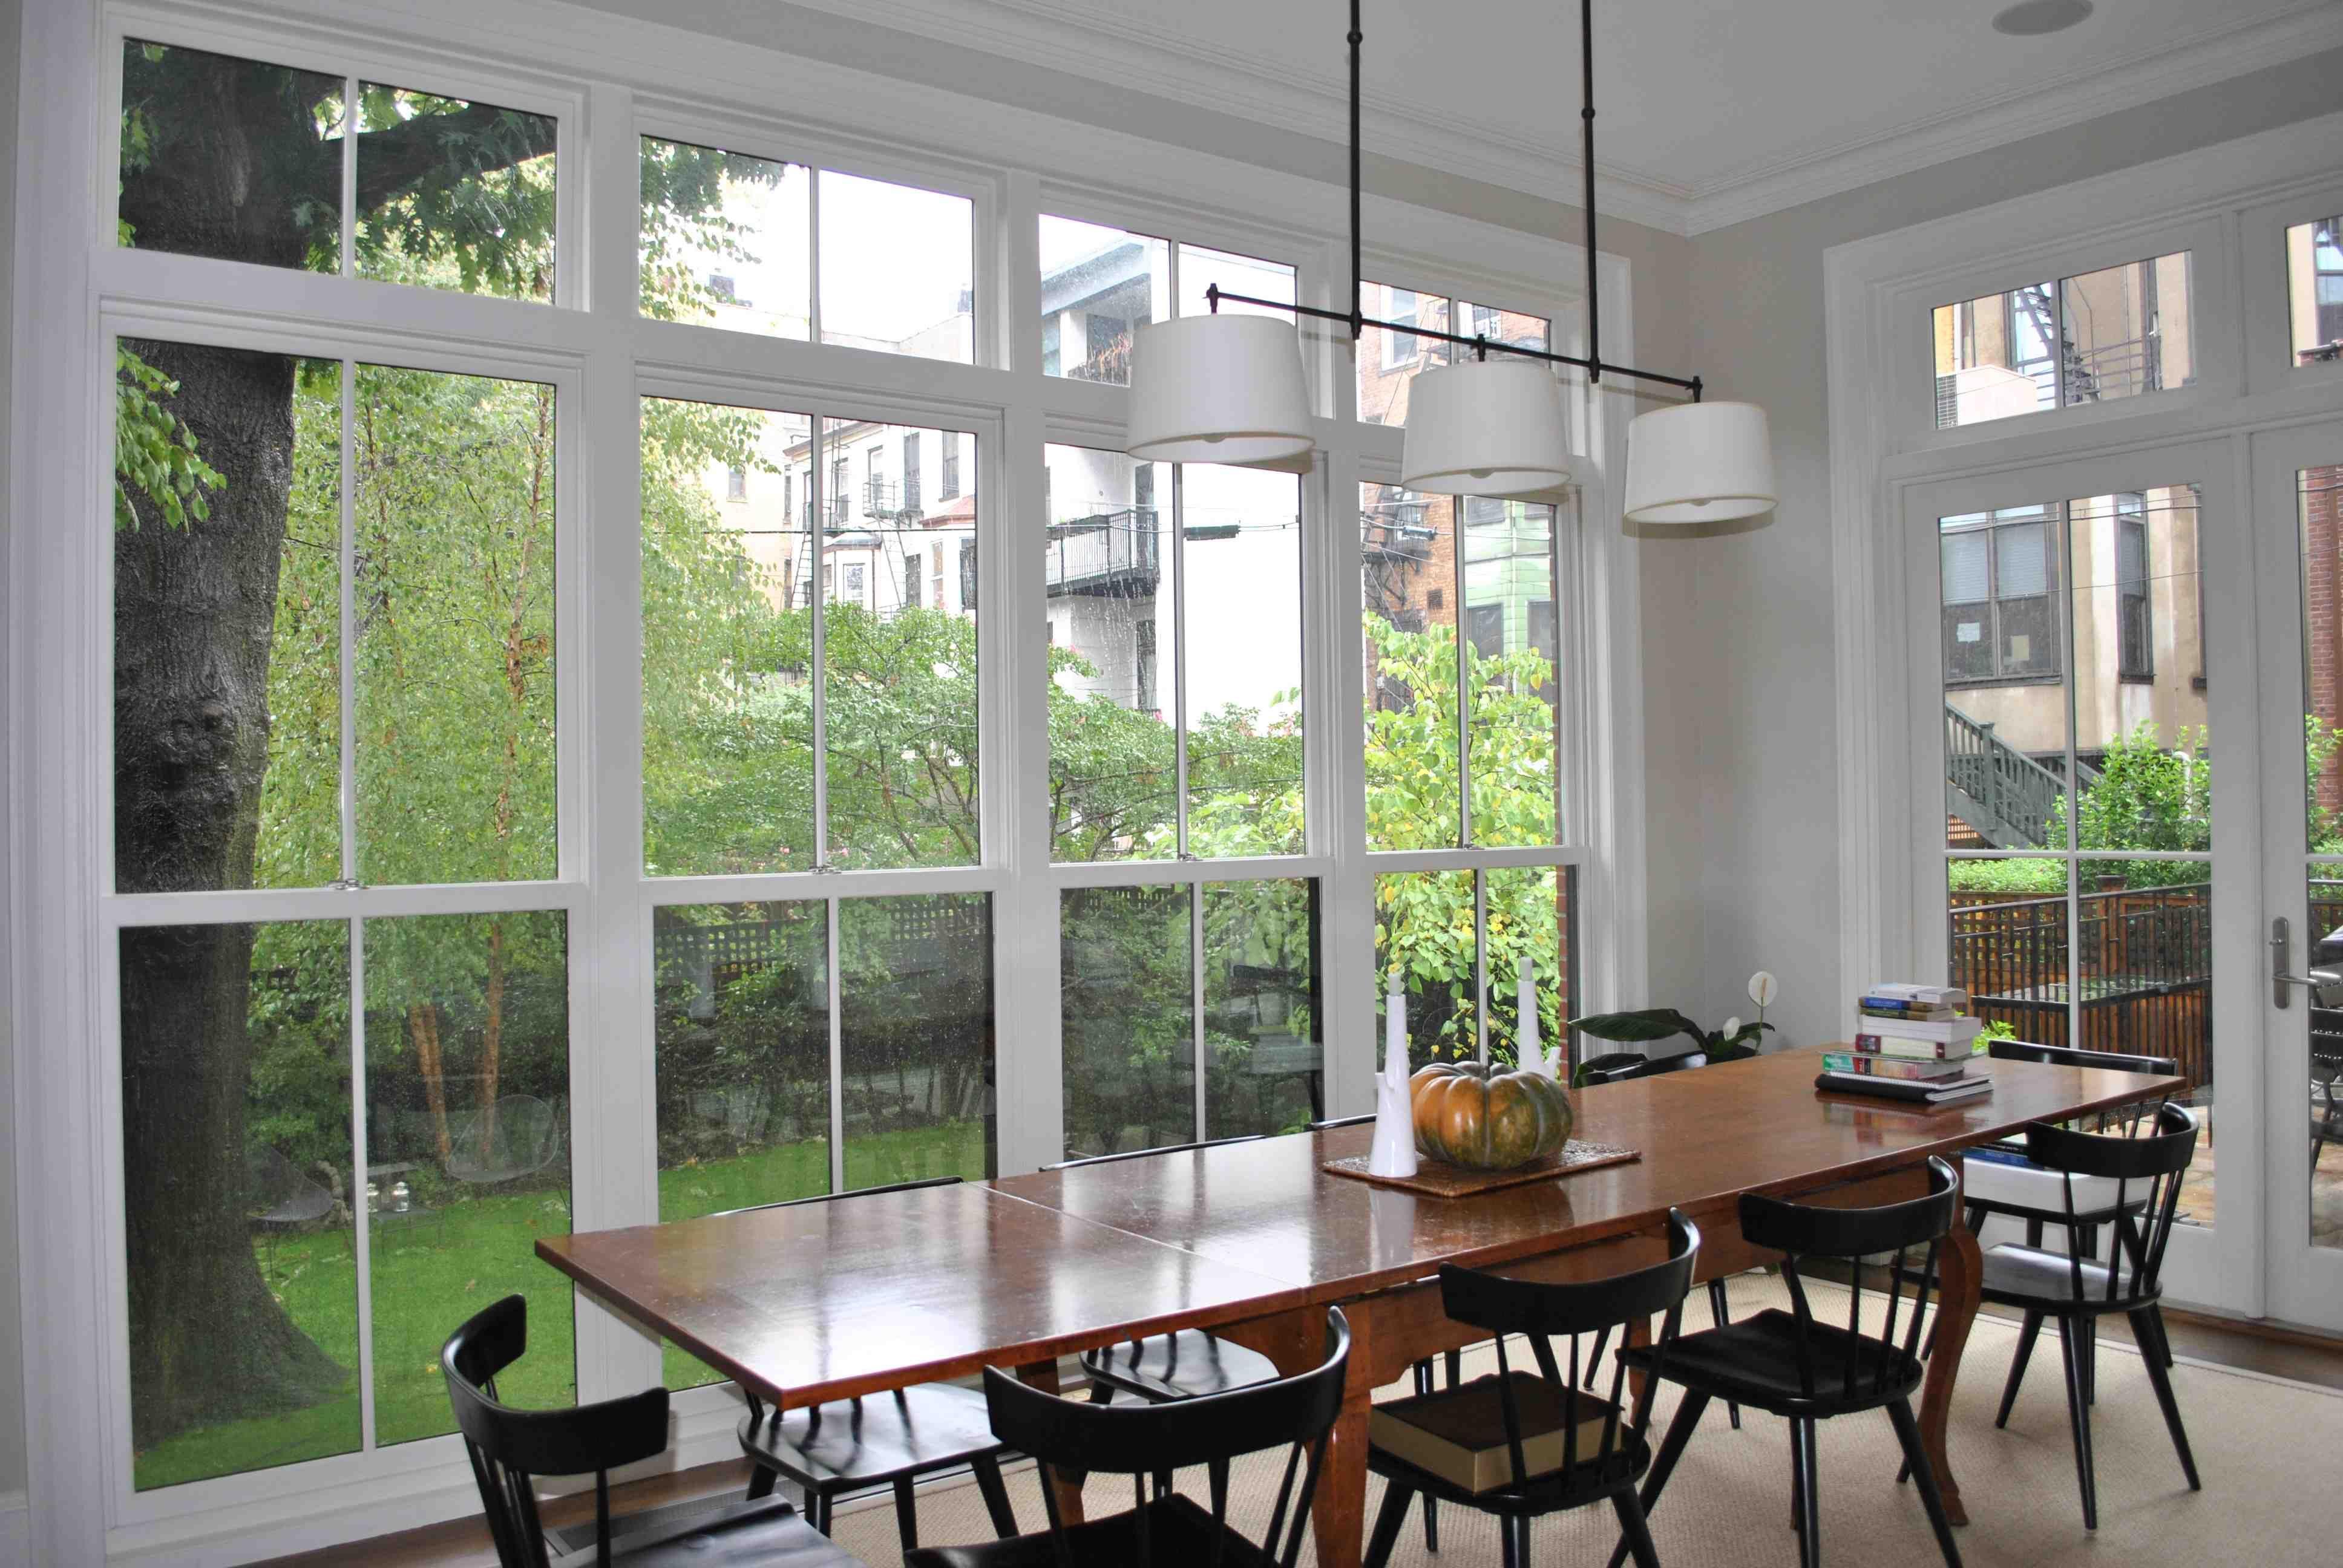 sunny_dining_room.jpg